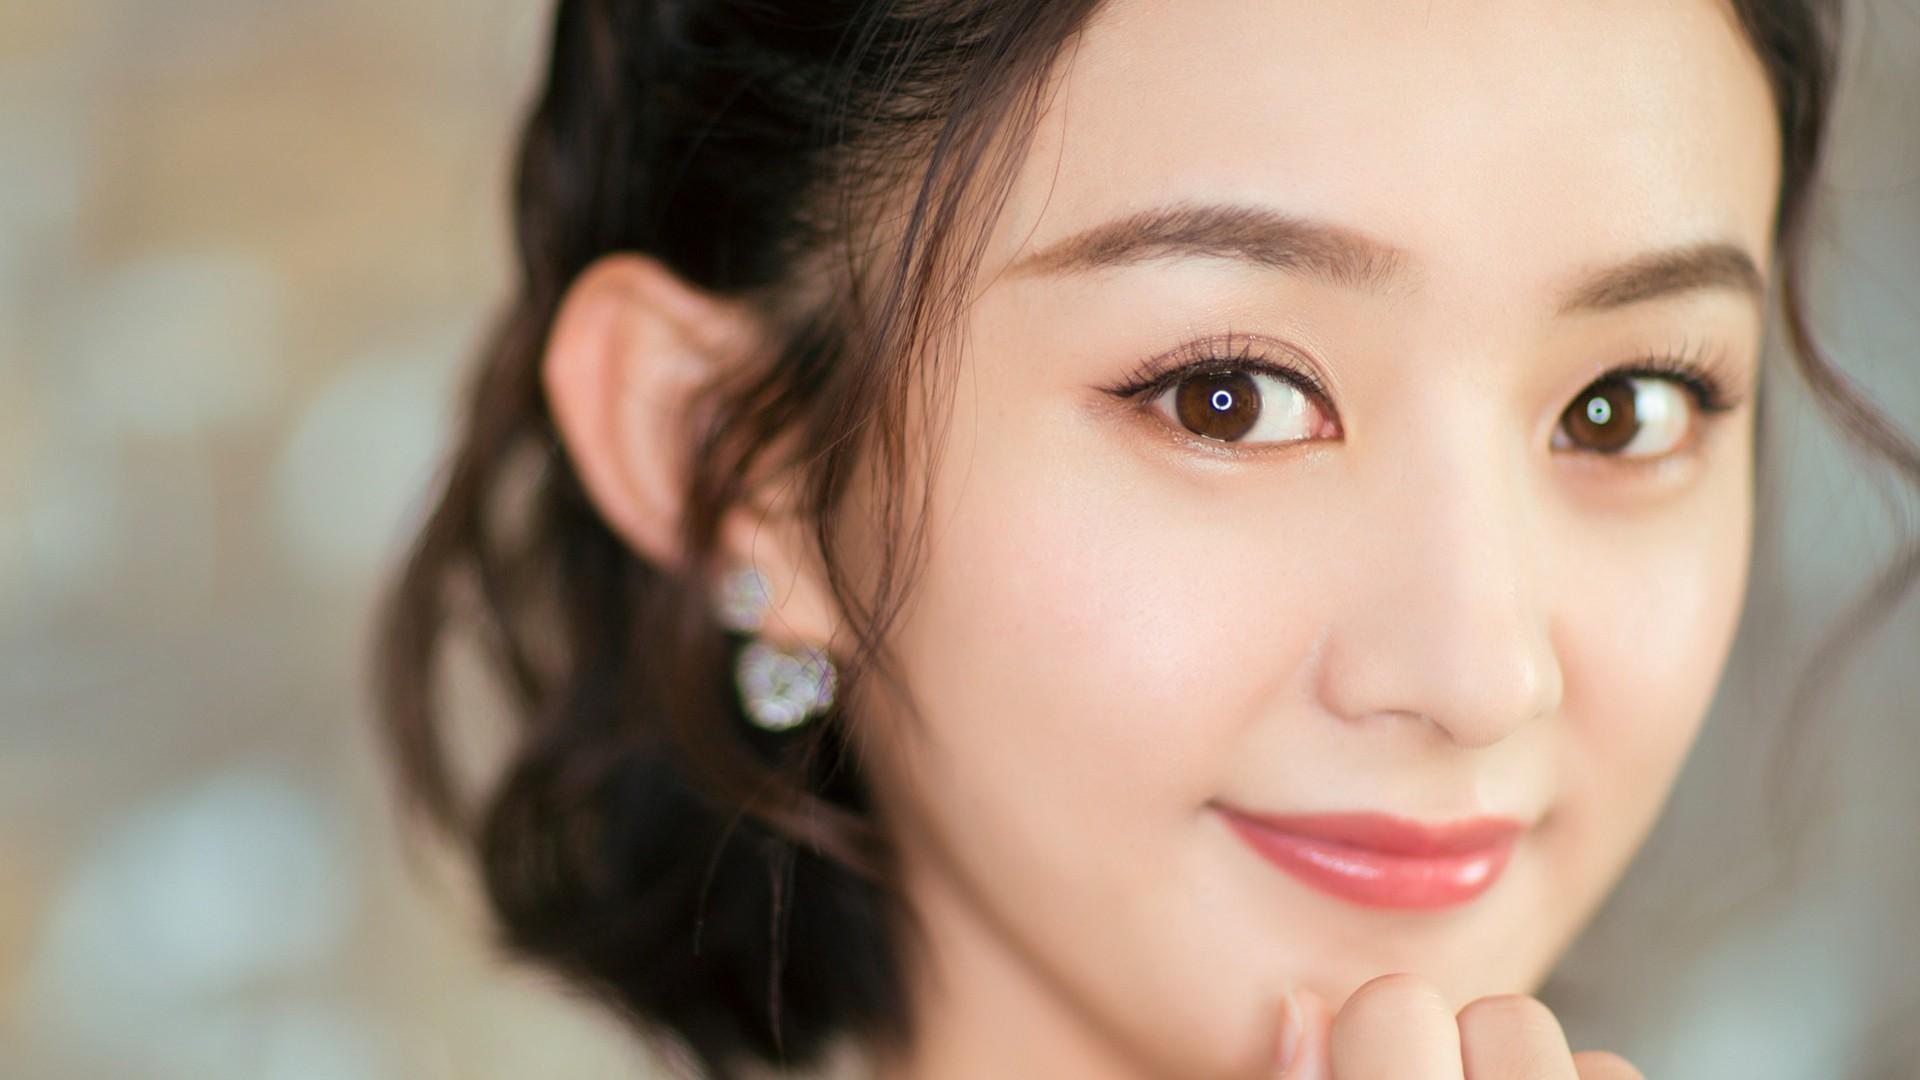 赵丽颖:美丽善良的女子,天真活泼可爱的人